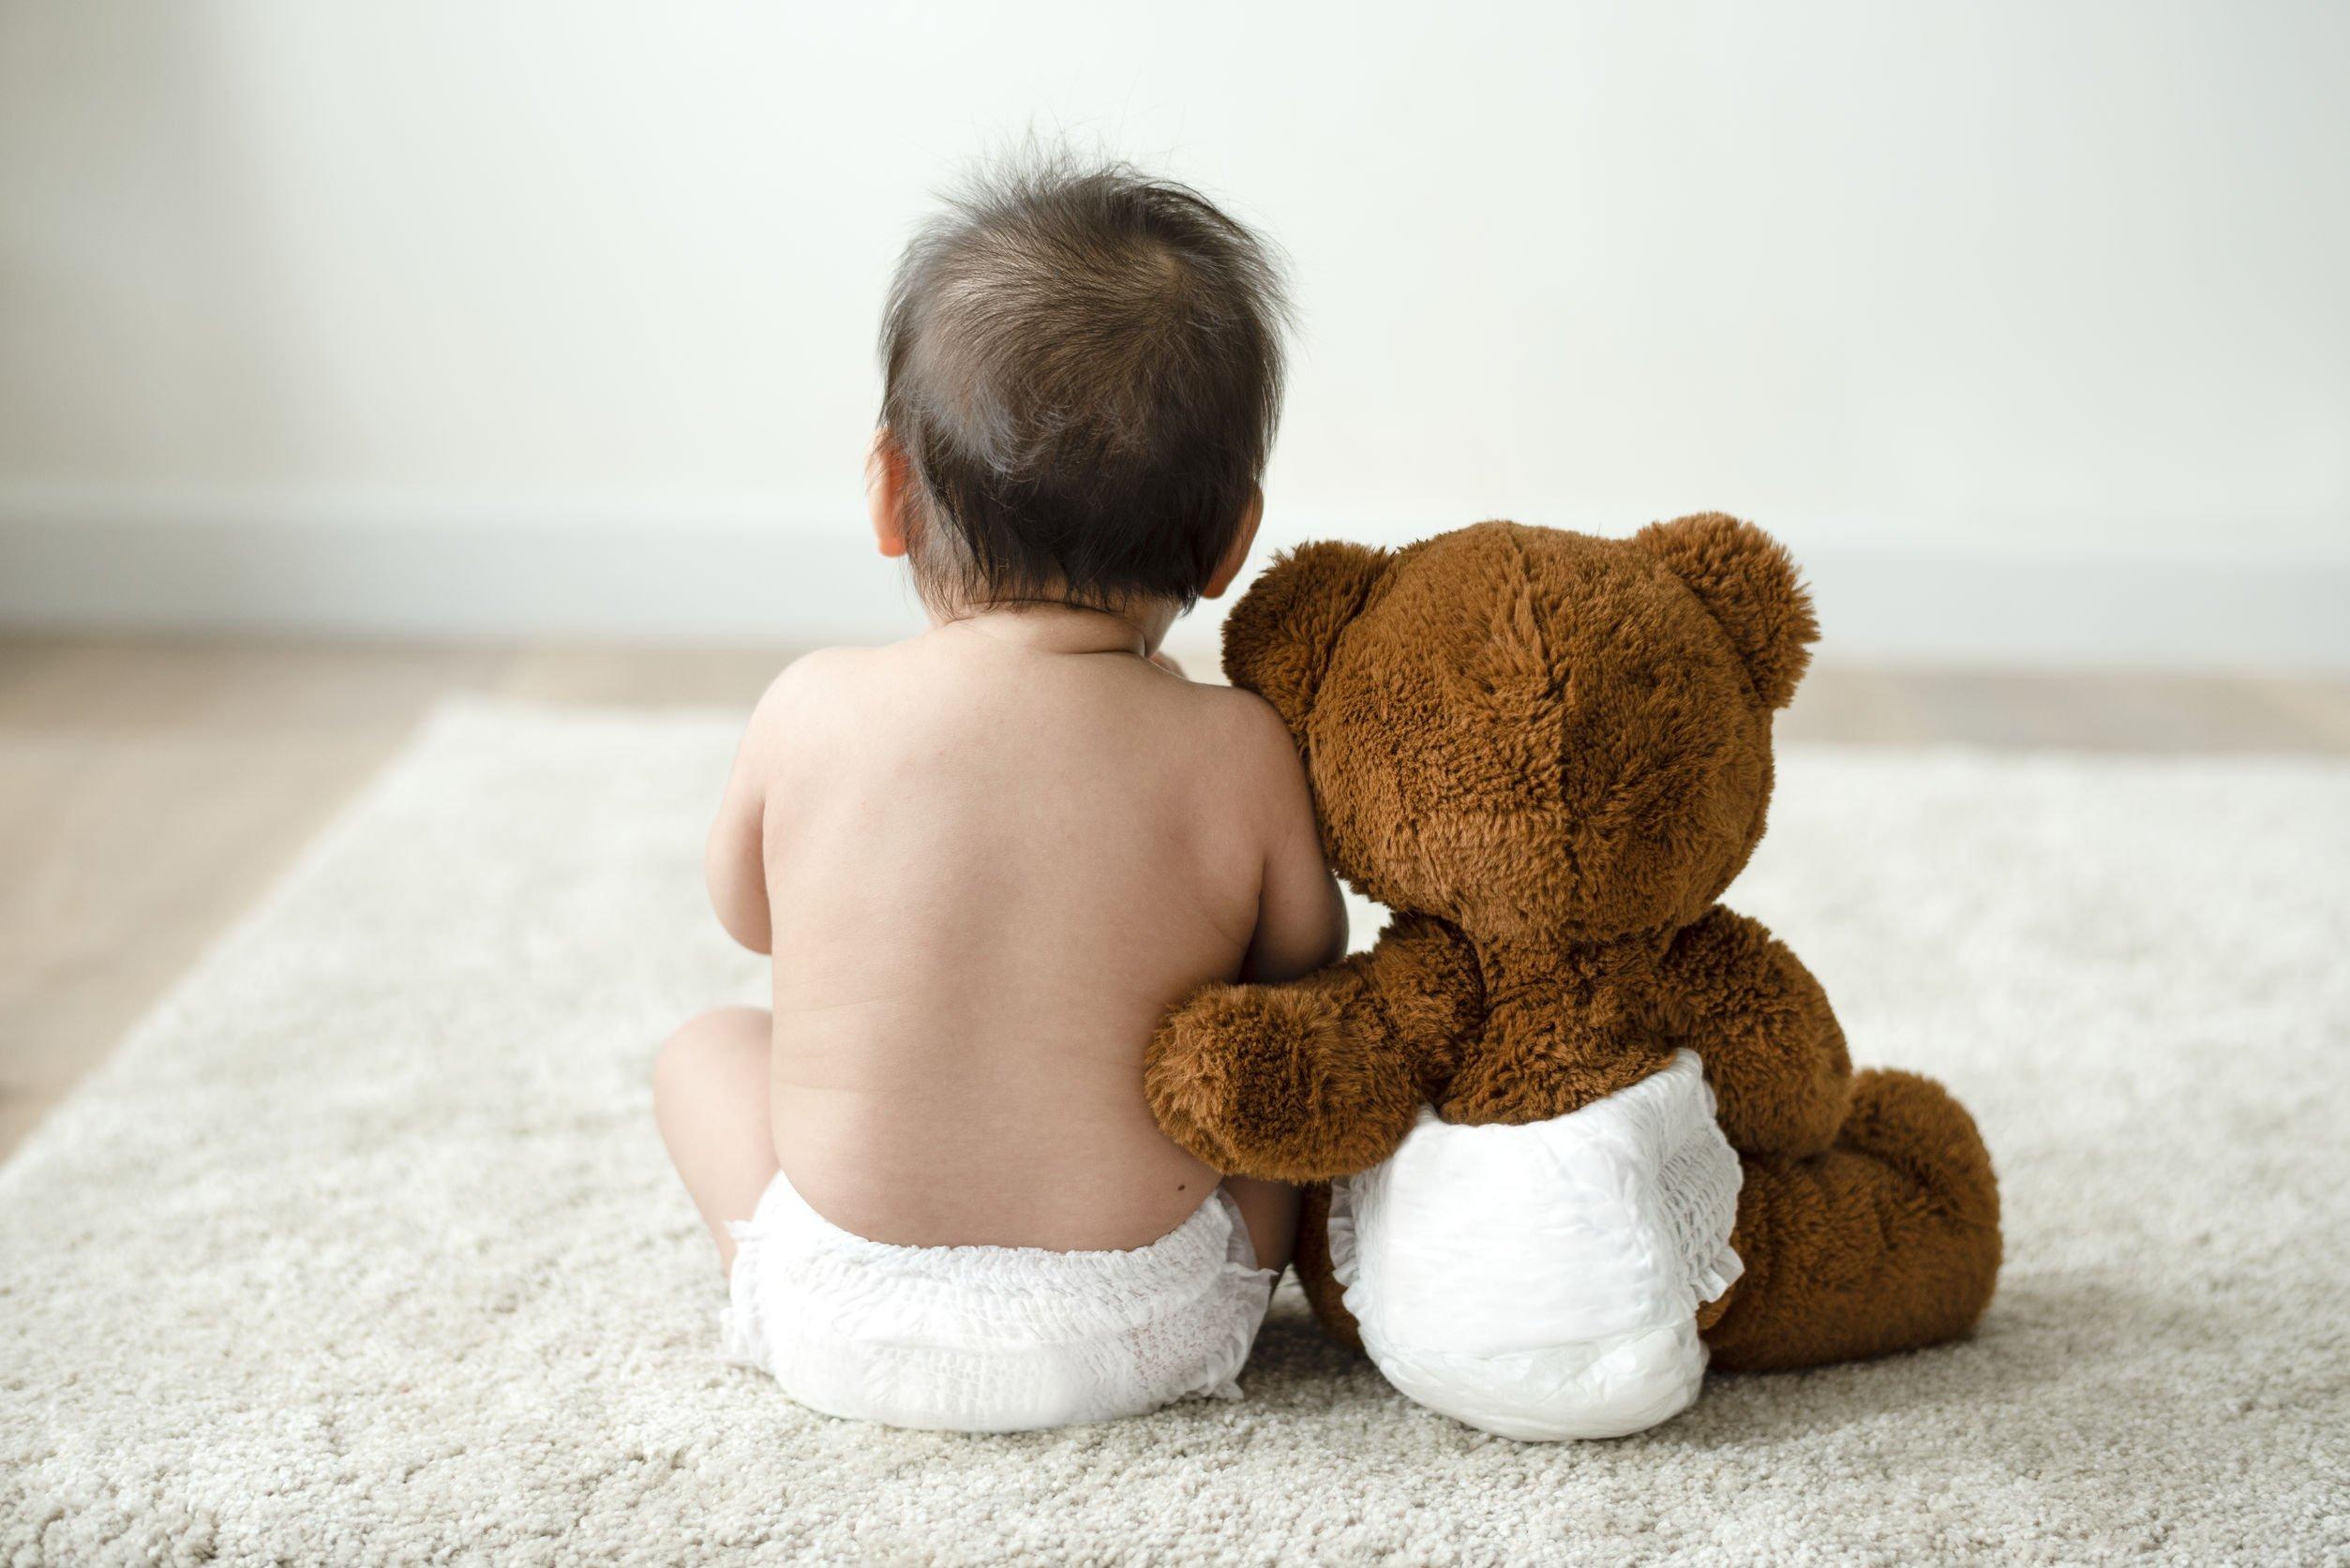 Bebê sentado no tapete ao lado de um ursinho de pelúcia